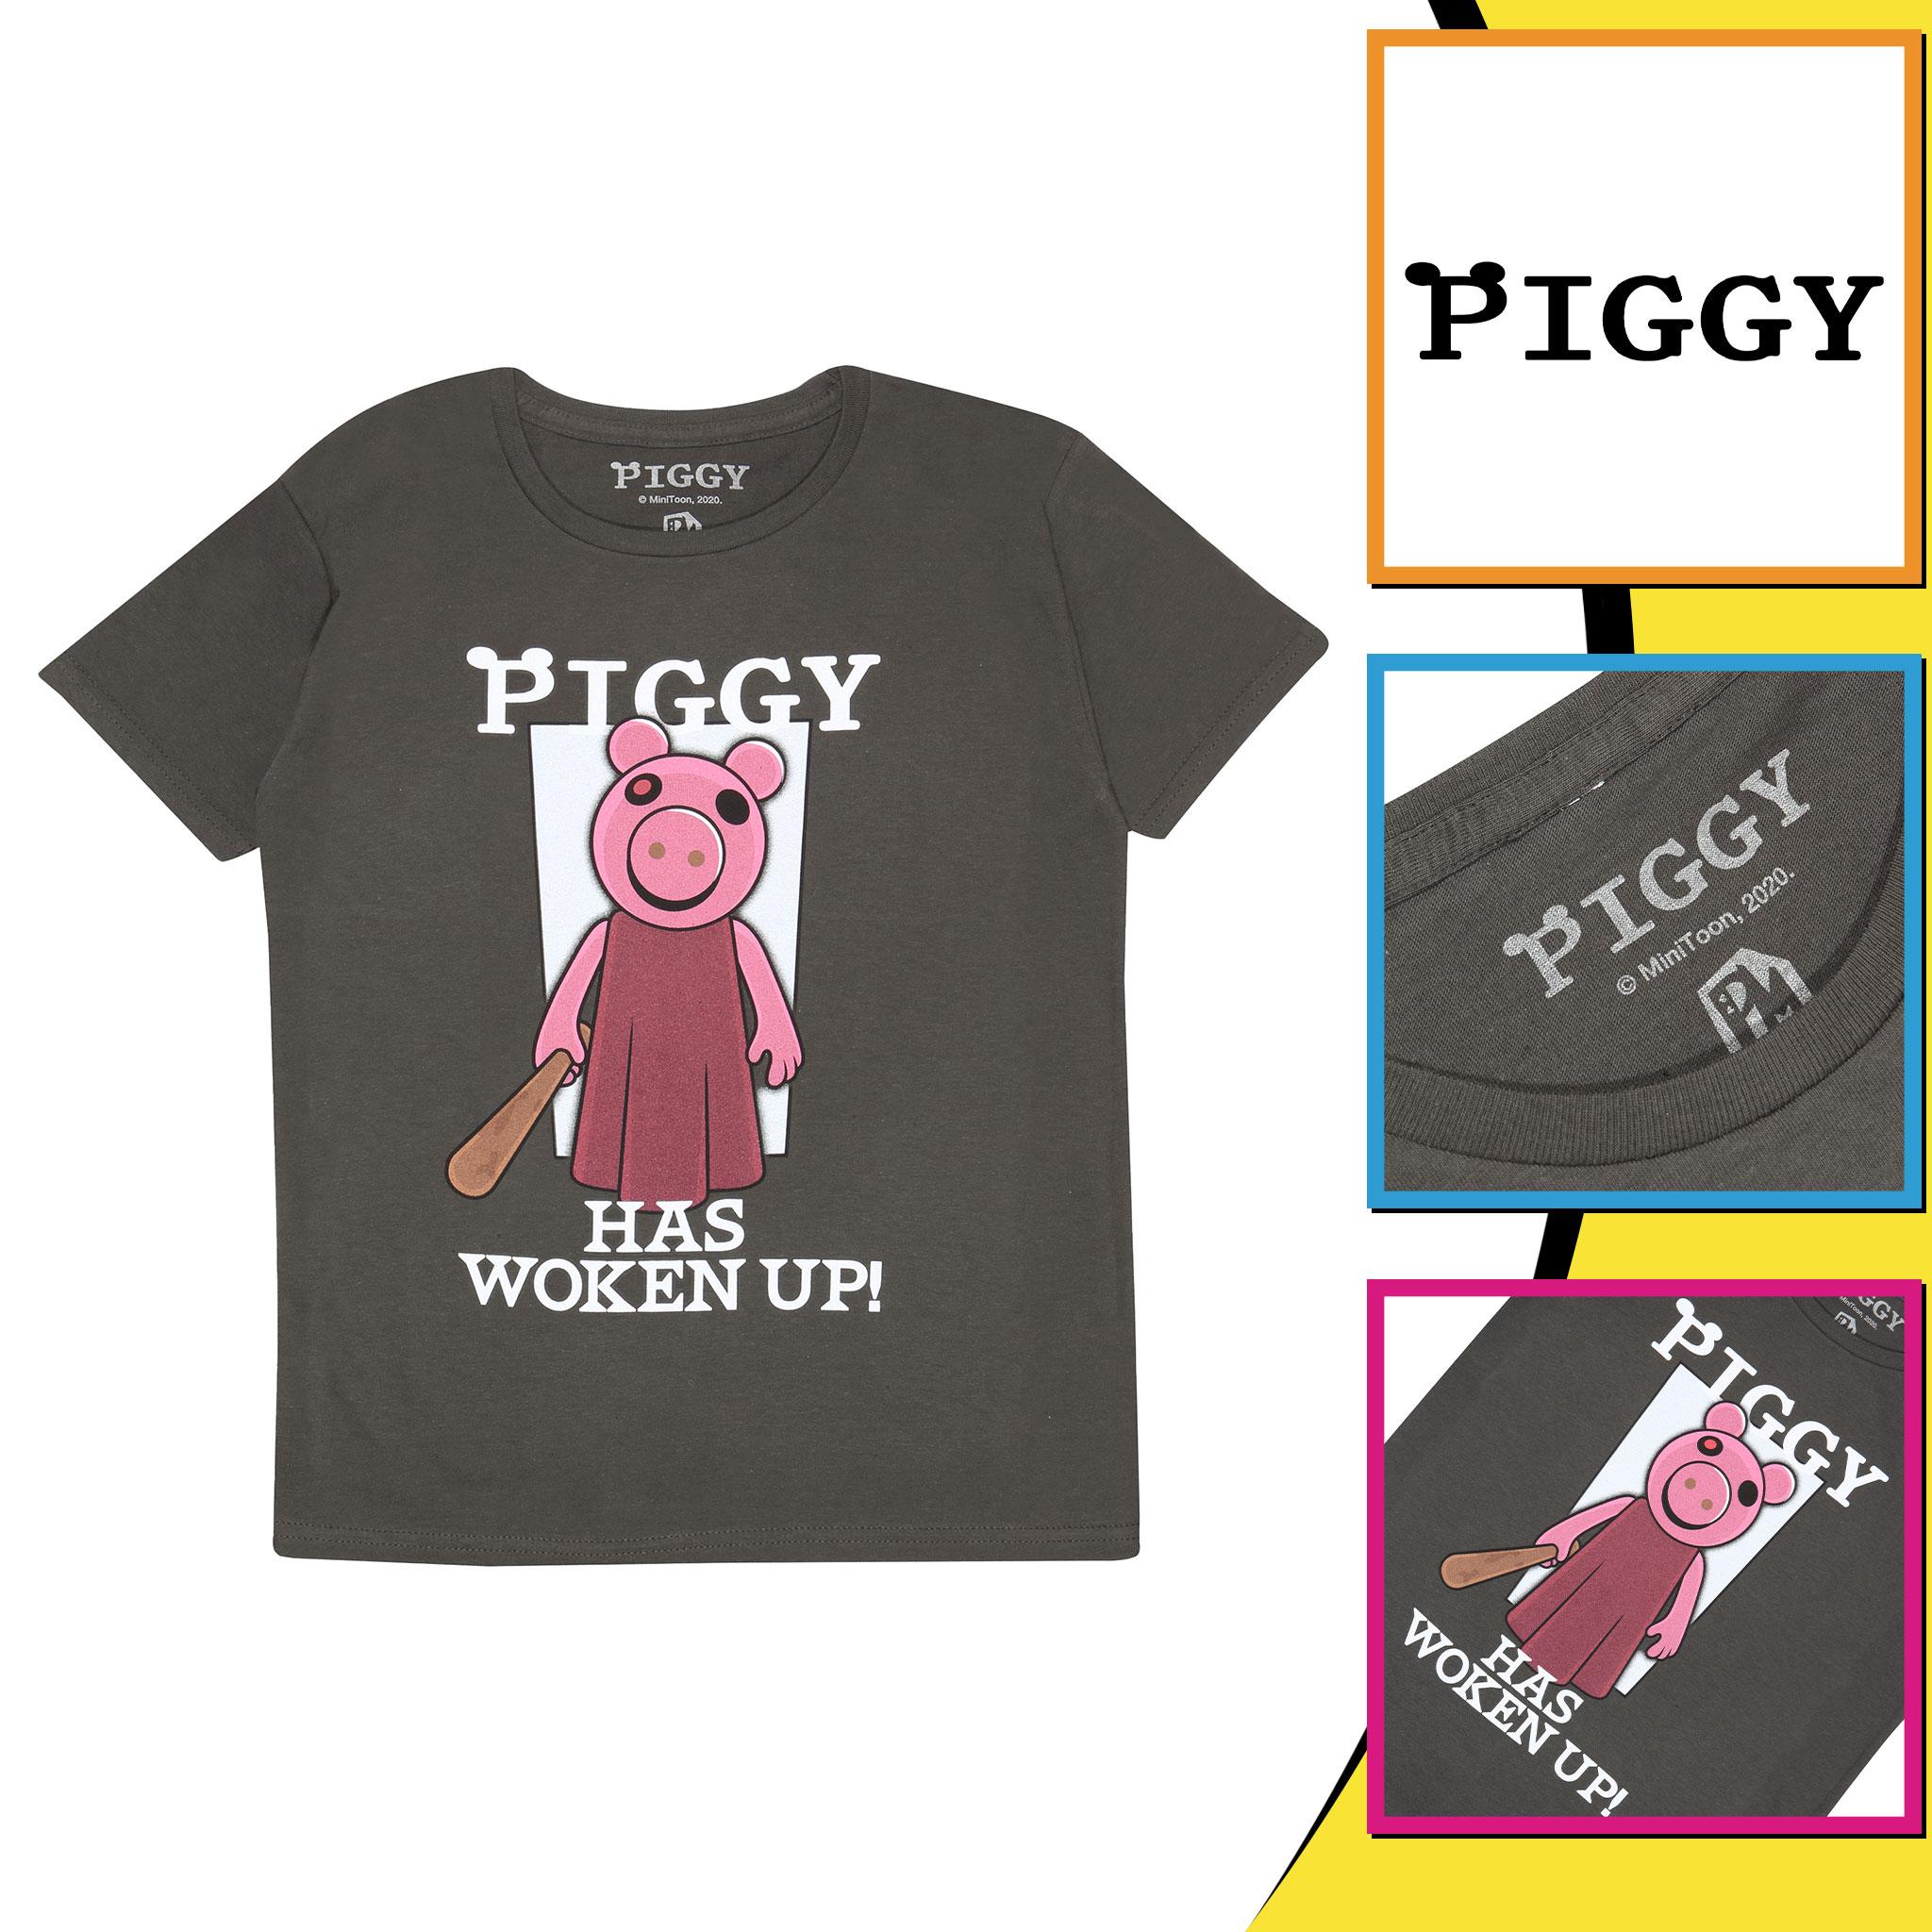 miniature 10 - Boys Piggy T Shirt Has Woken Up Official